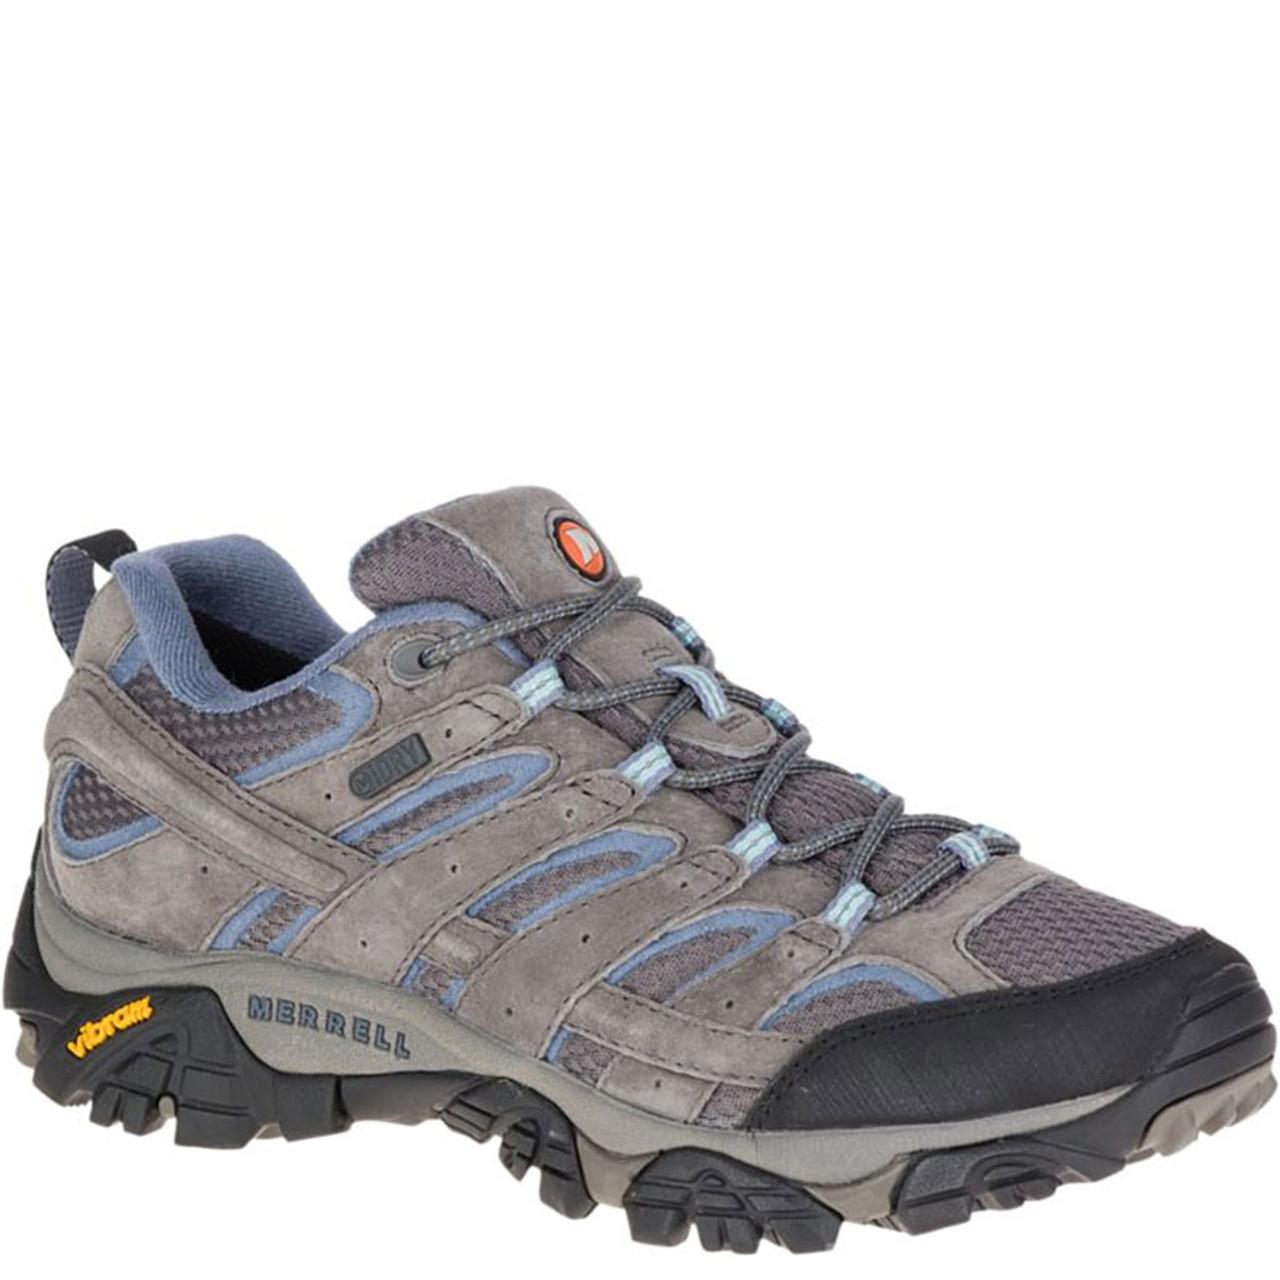 MOAB 2 Waterproof Hiking Shoes Granite